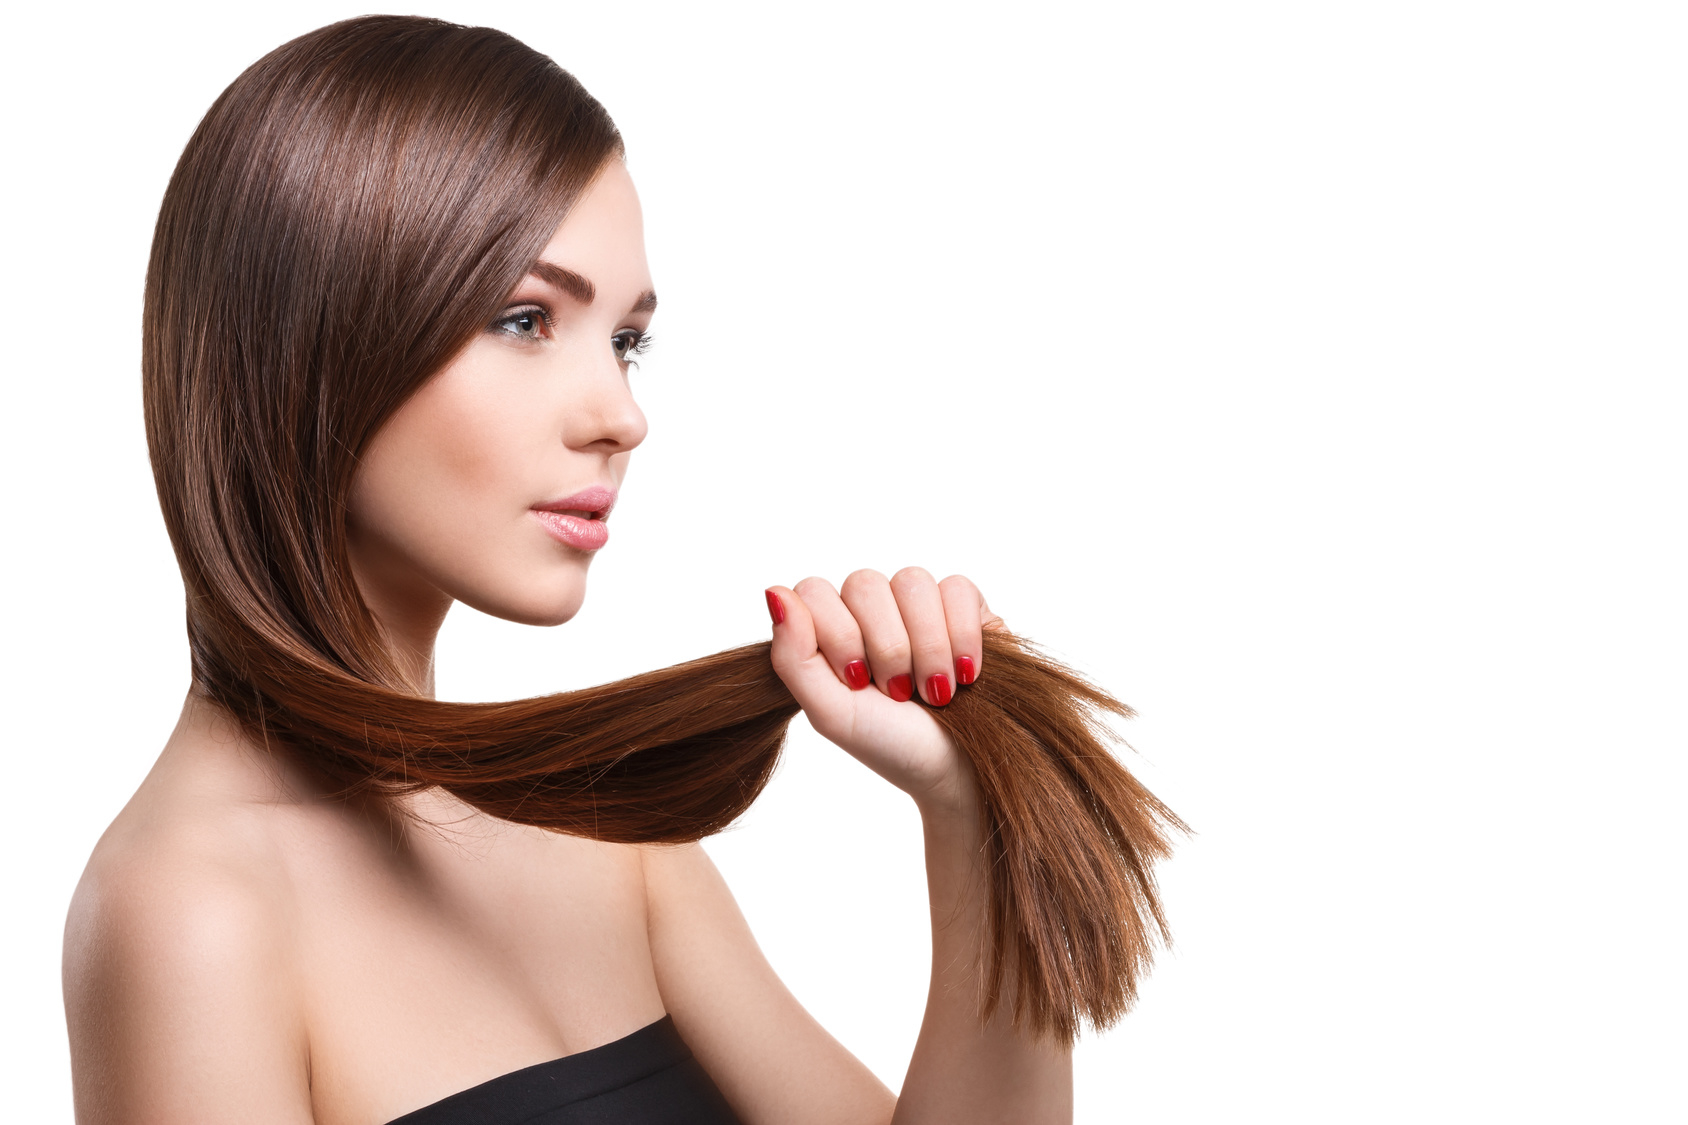 Уход за волосами: на что важно обратить пристальное внимание